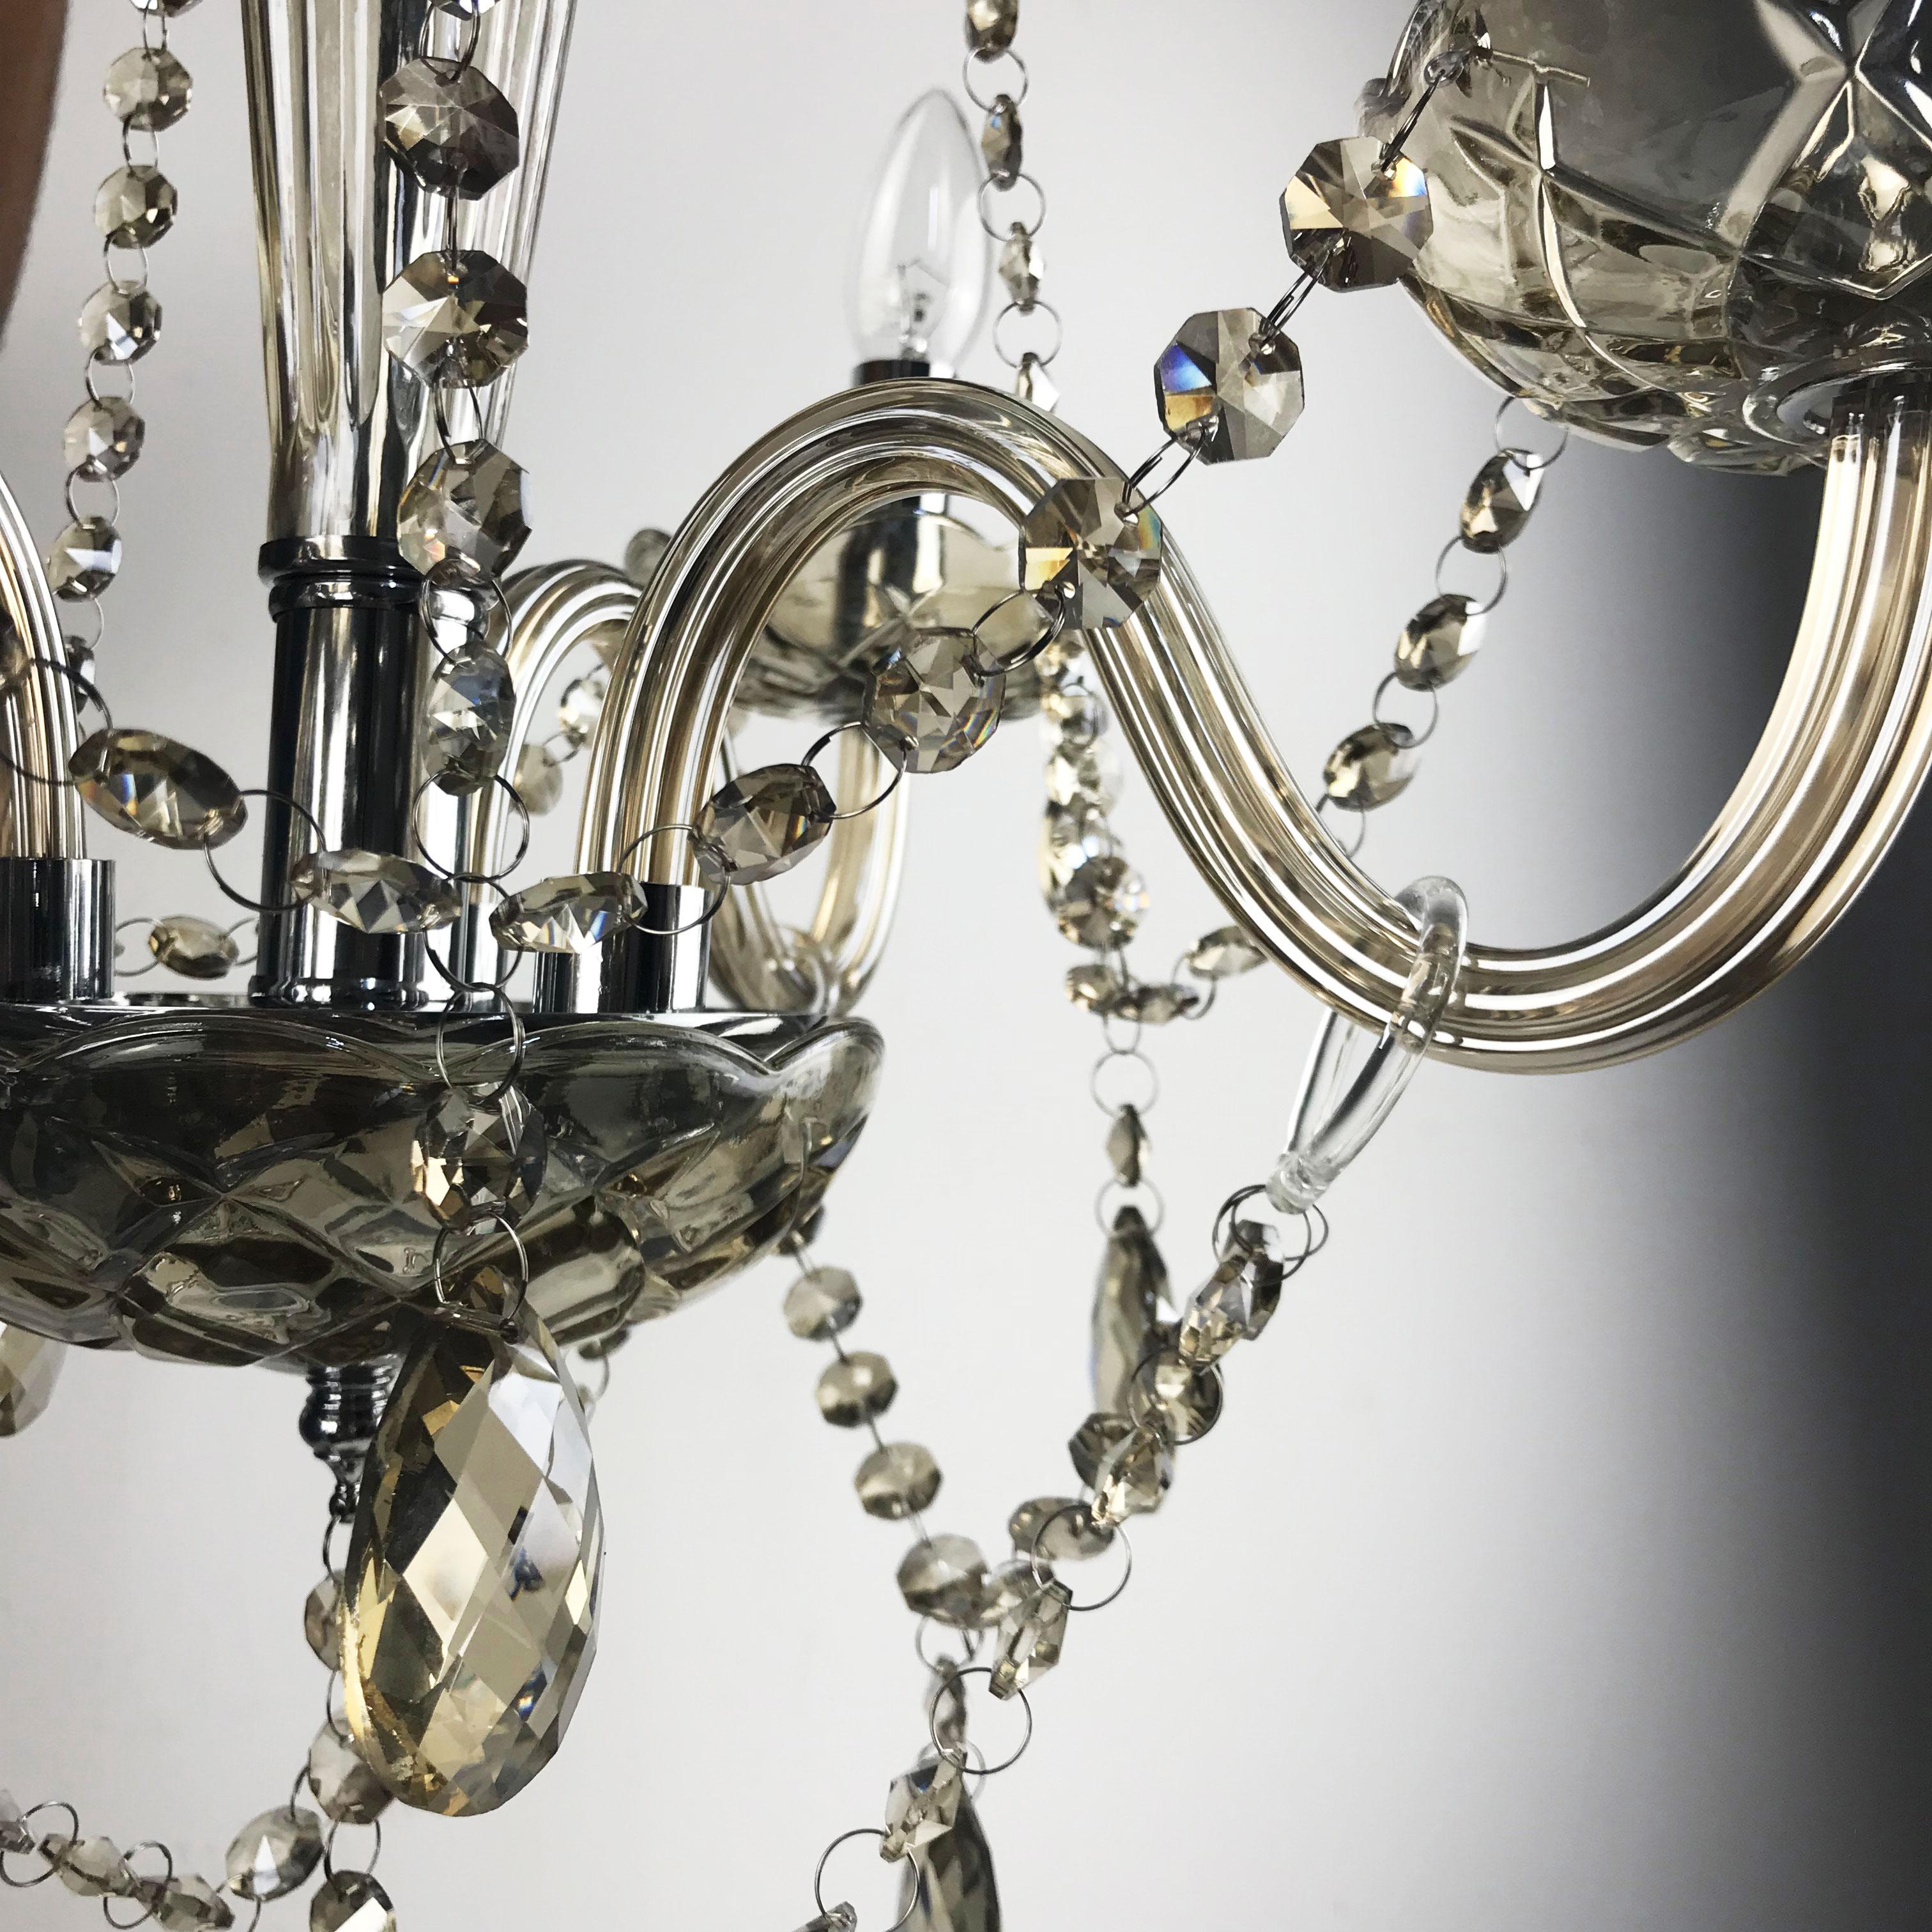 Lustre Candelabro de Cristal Maria Teresa - 6 Braços Champanhe